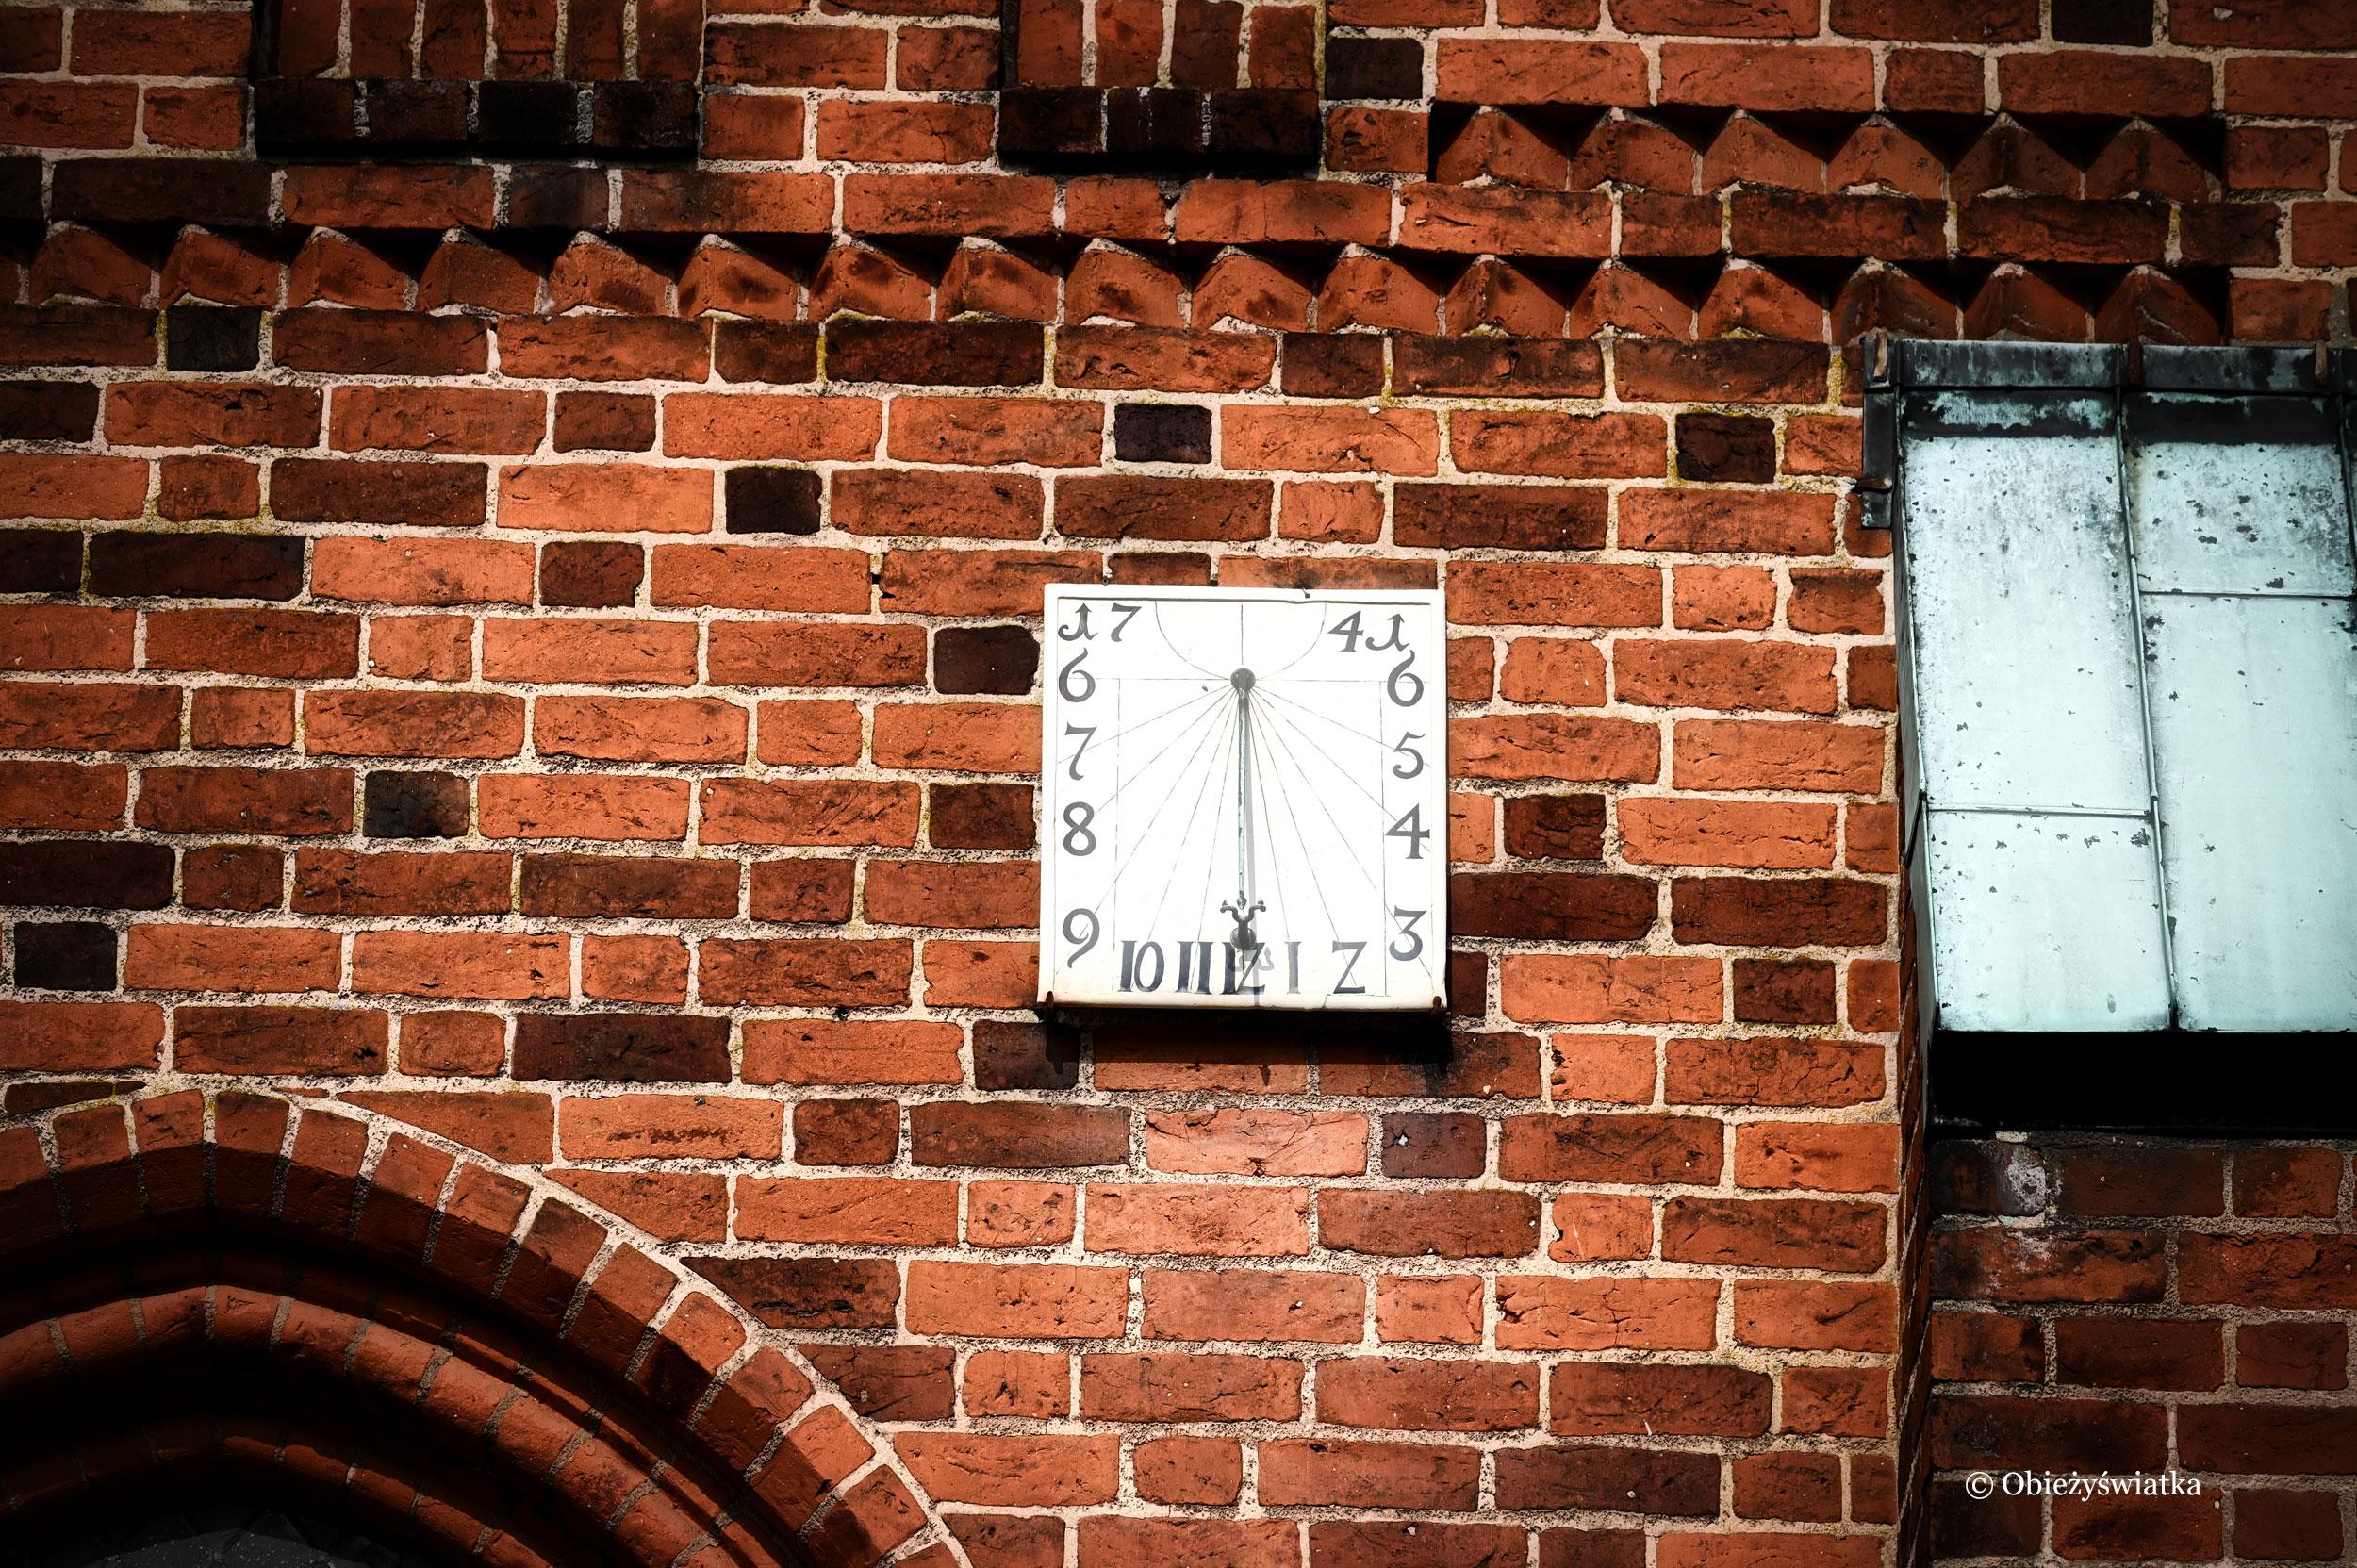 Zegar słoneczny, Katedra w Ribe, Dania